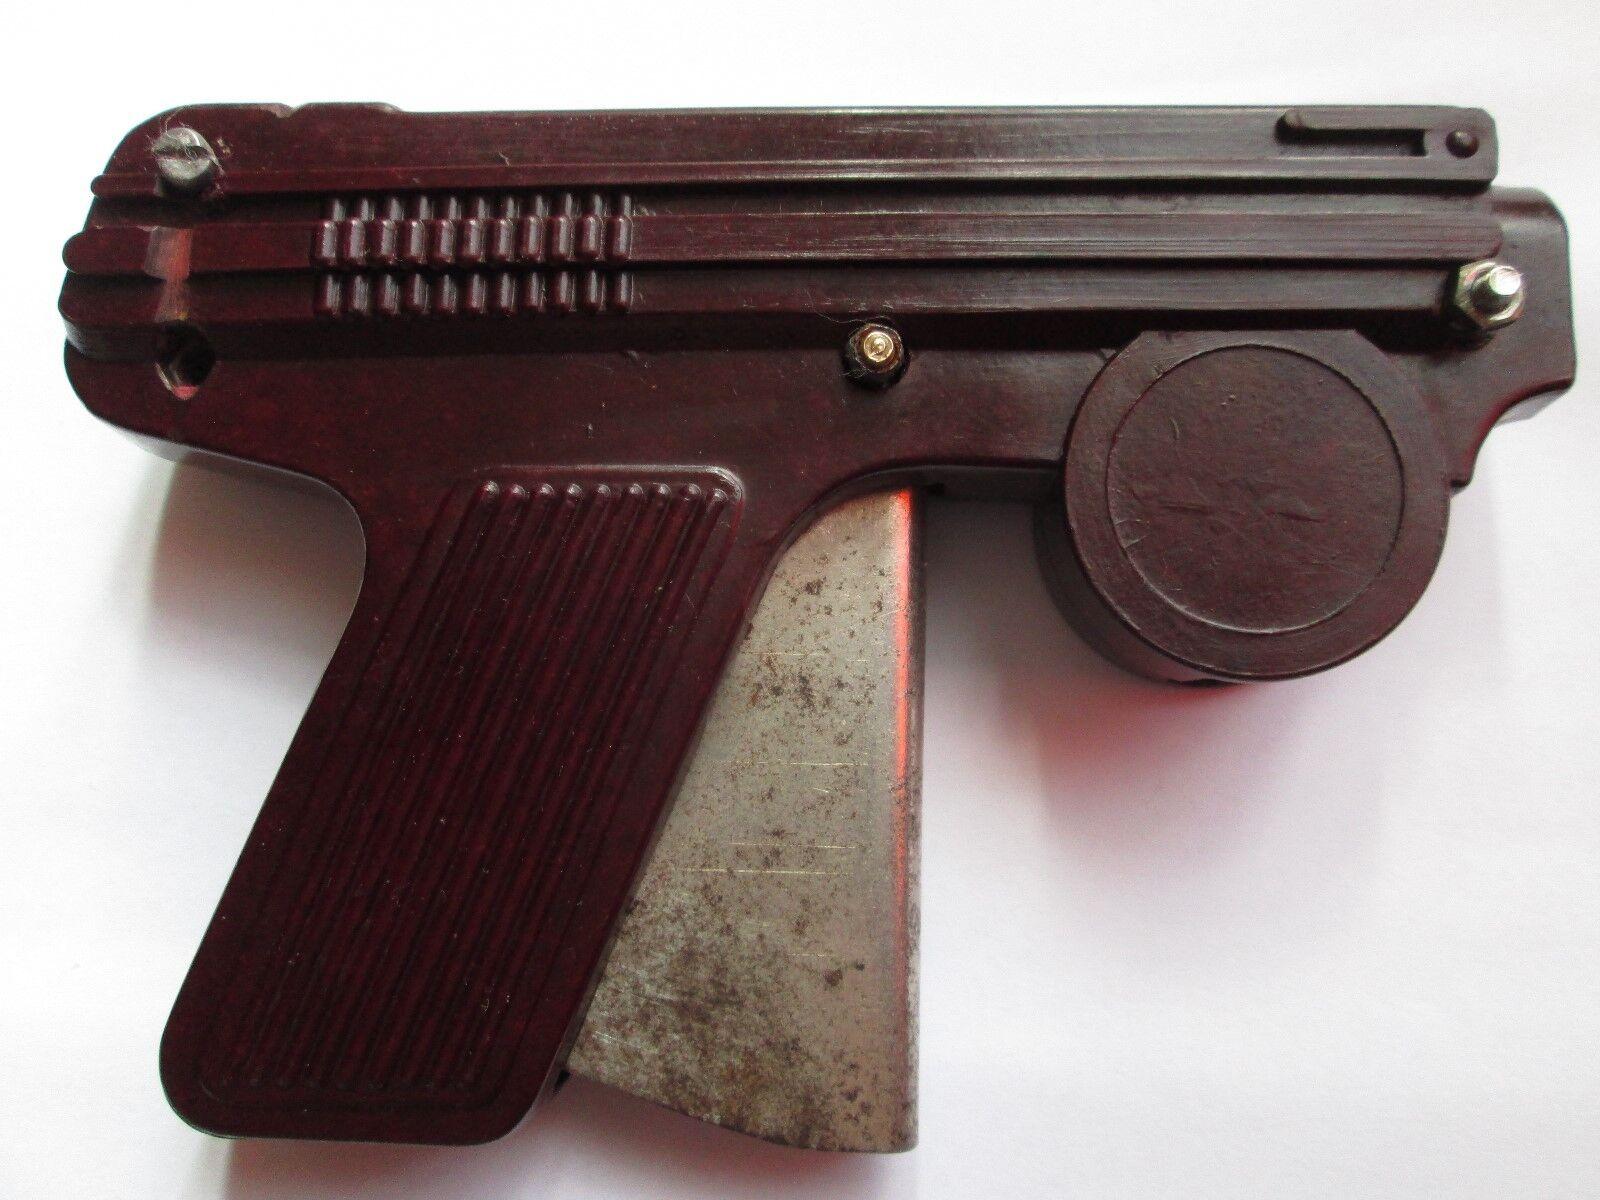 Vintage bakelit spielzeugpistole pistole 1950-1960s